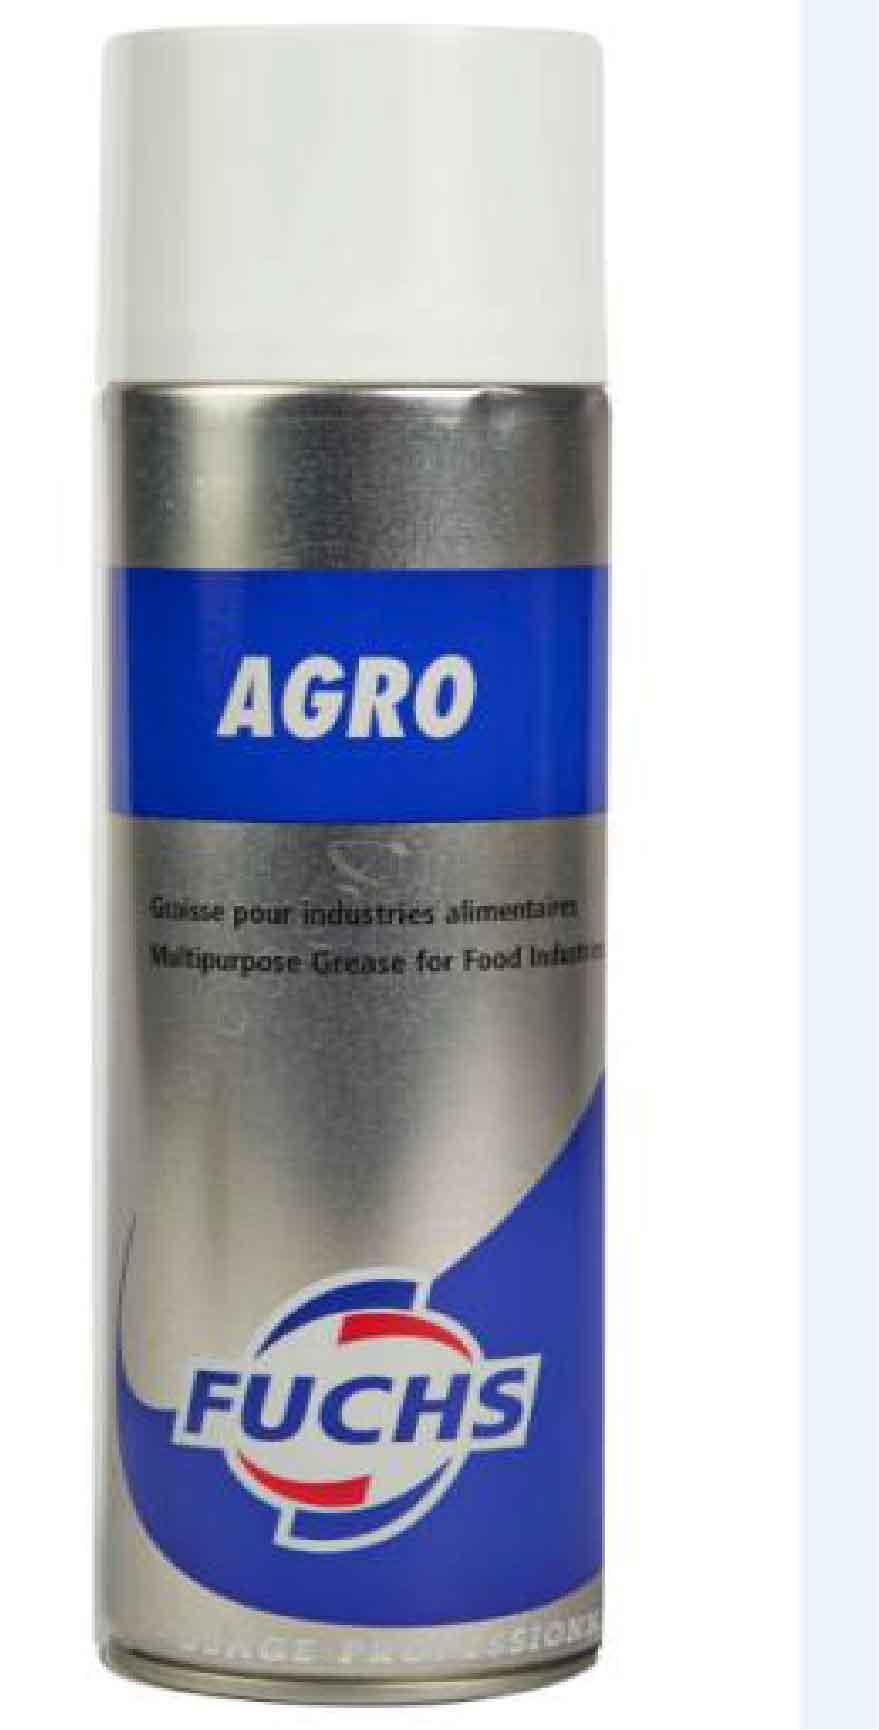 FUCHS LUBRIFIANT FRANCE - AEROSOL AGRO